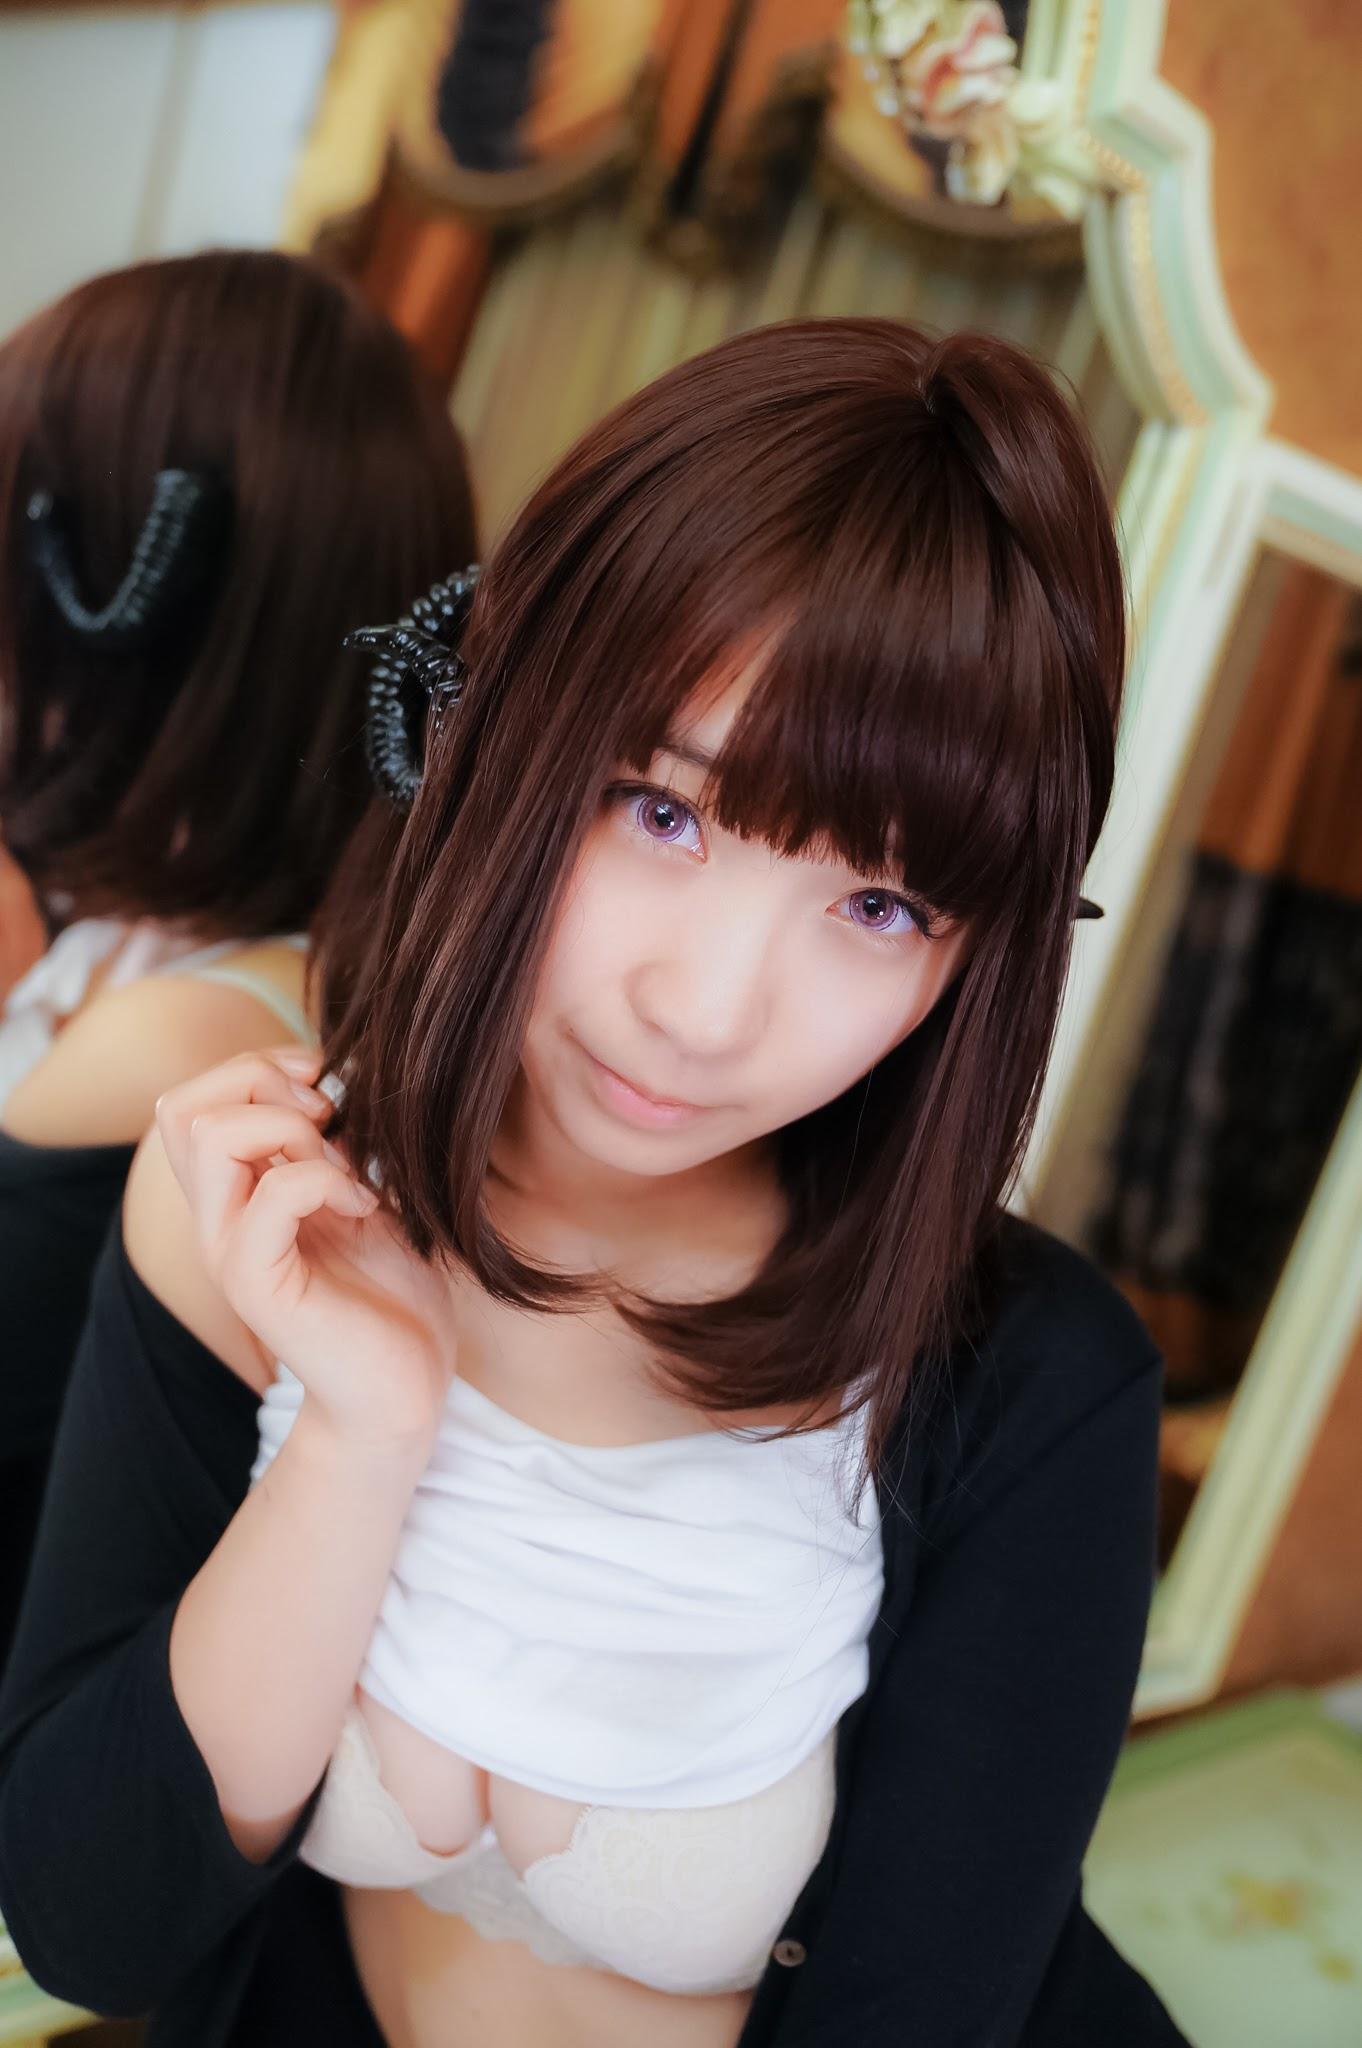 Succubus Girl Moe Iori107